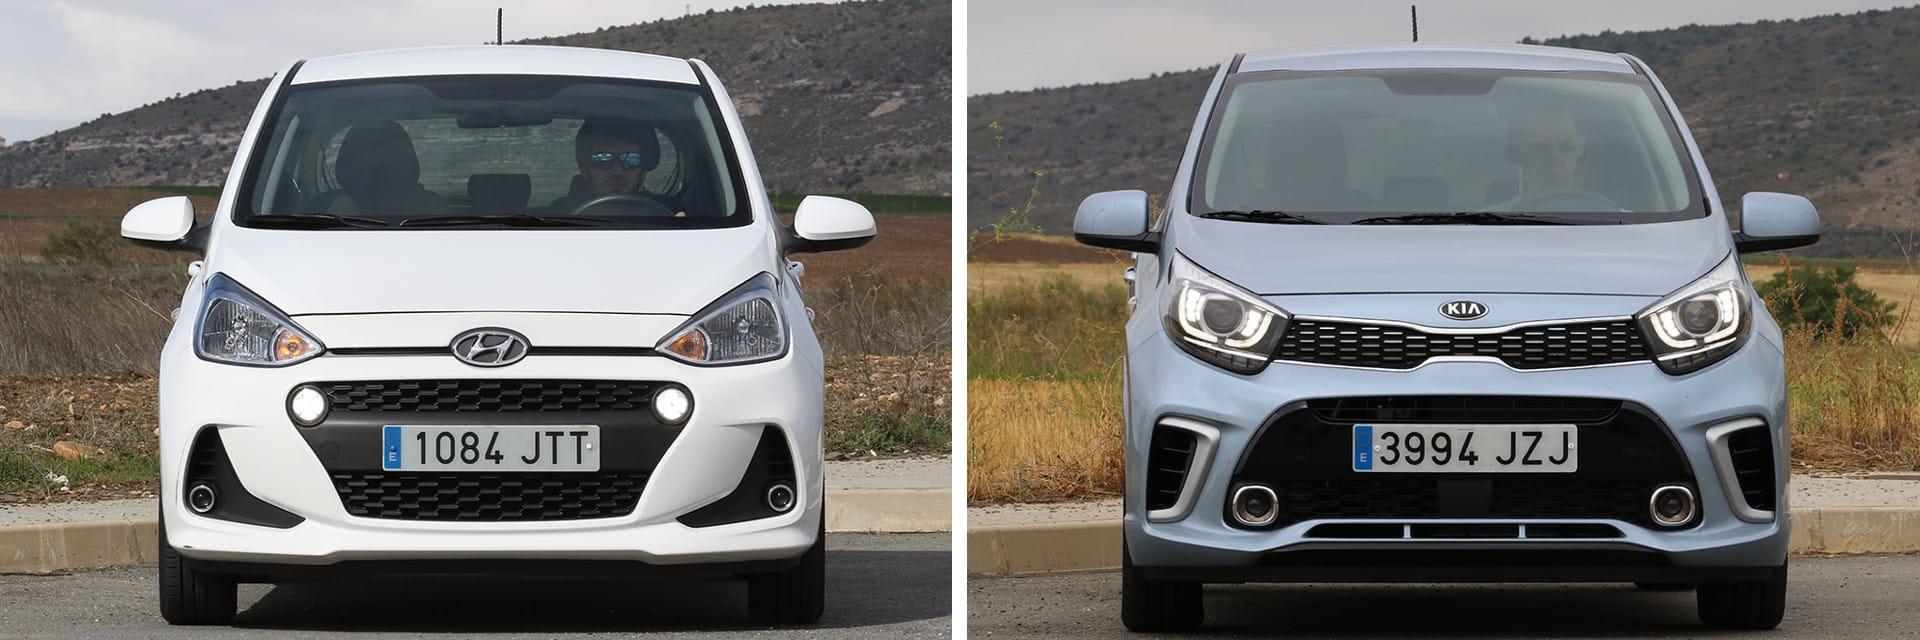 El Hyundai i10 (izq.) destaca por su espacio interior y el Kia Picanto (dcha.) por su equipamiento y por sus mejores prestaciones.